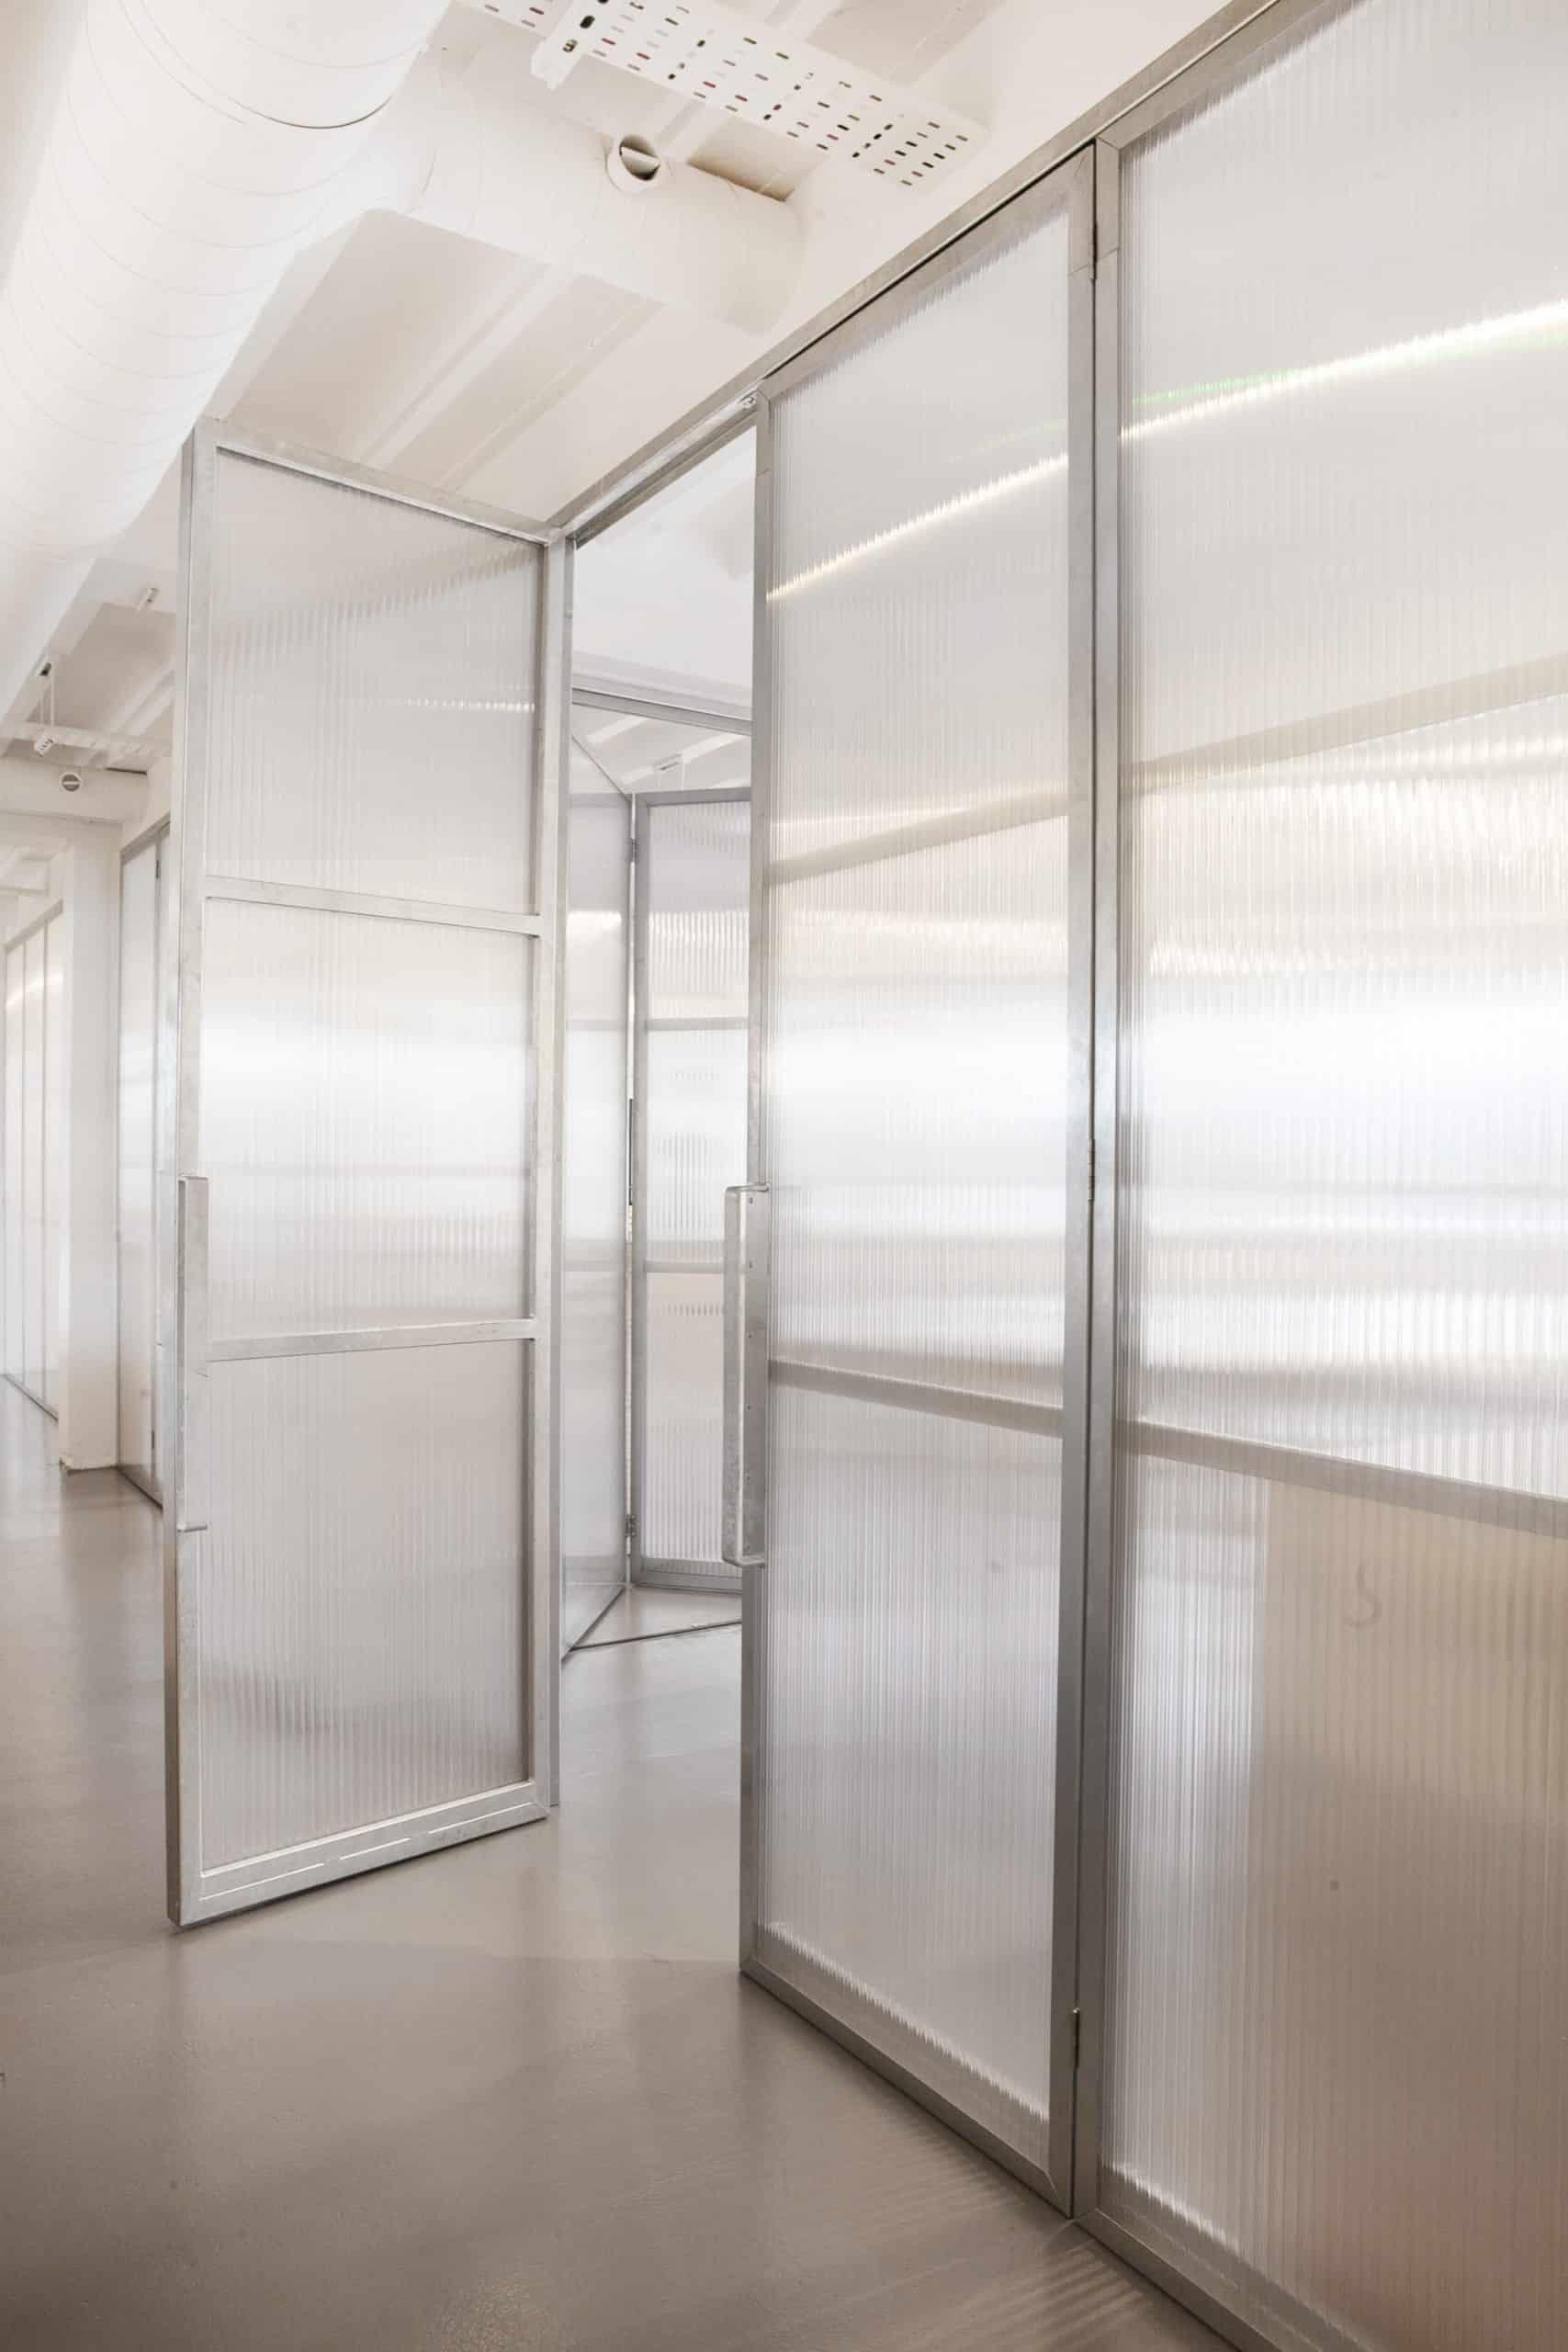 Corridor_IMG_2705